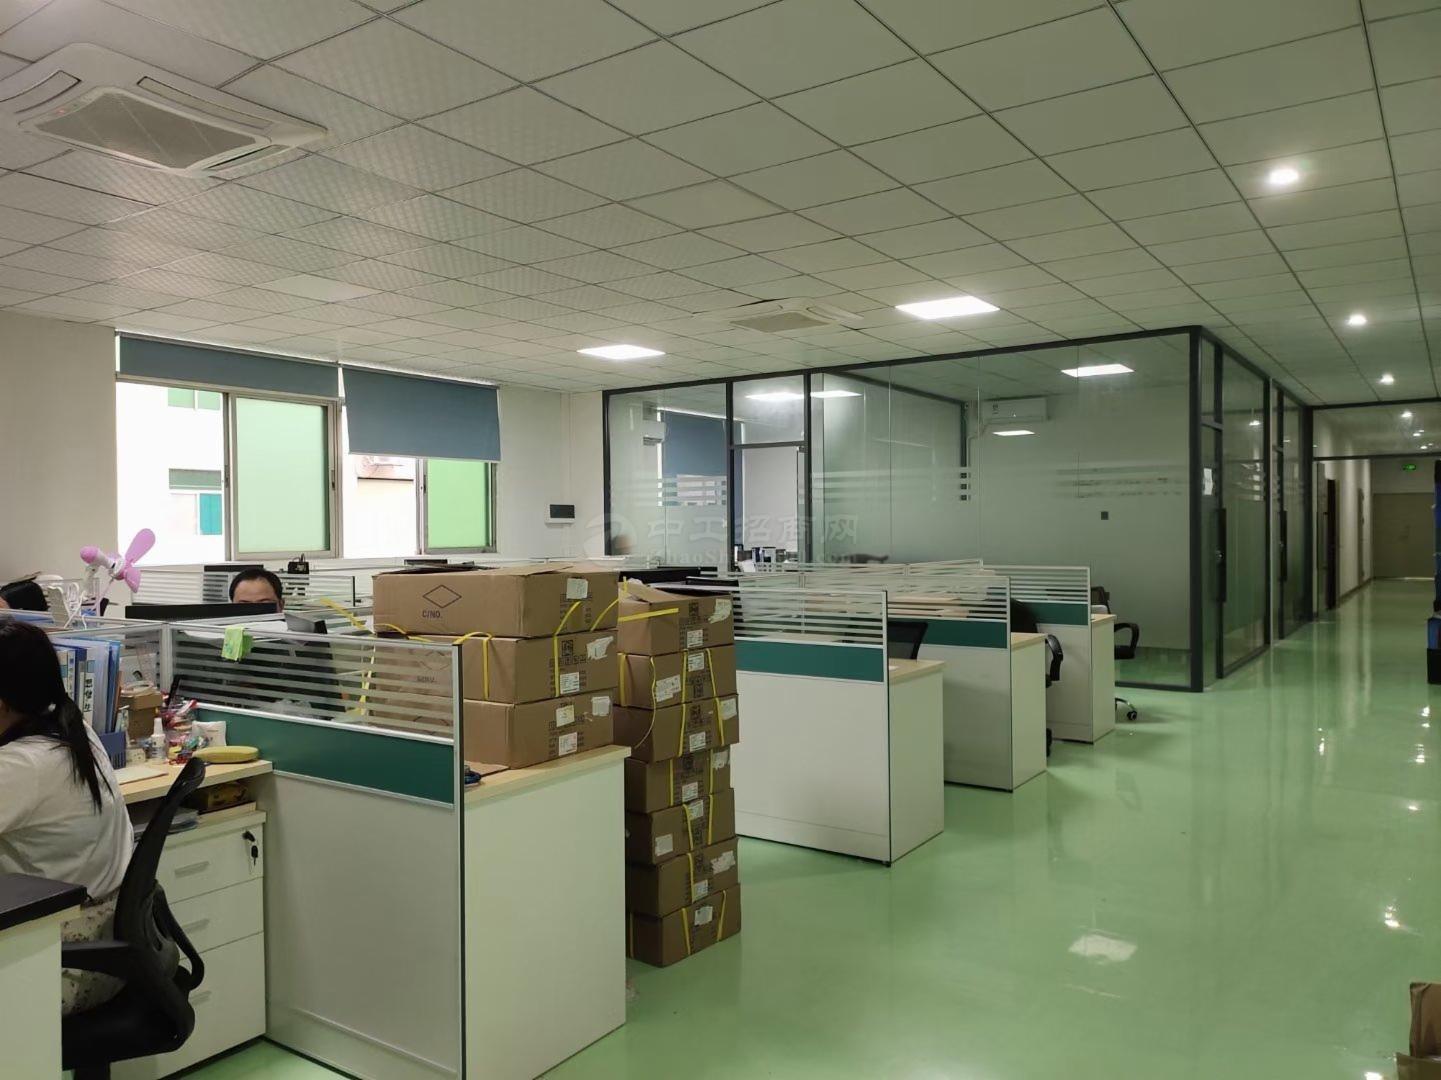 福永500平精装修厂房出租水电到位格局方正仓库分租靠地铁口